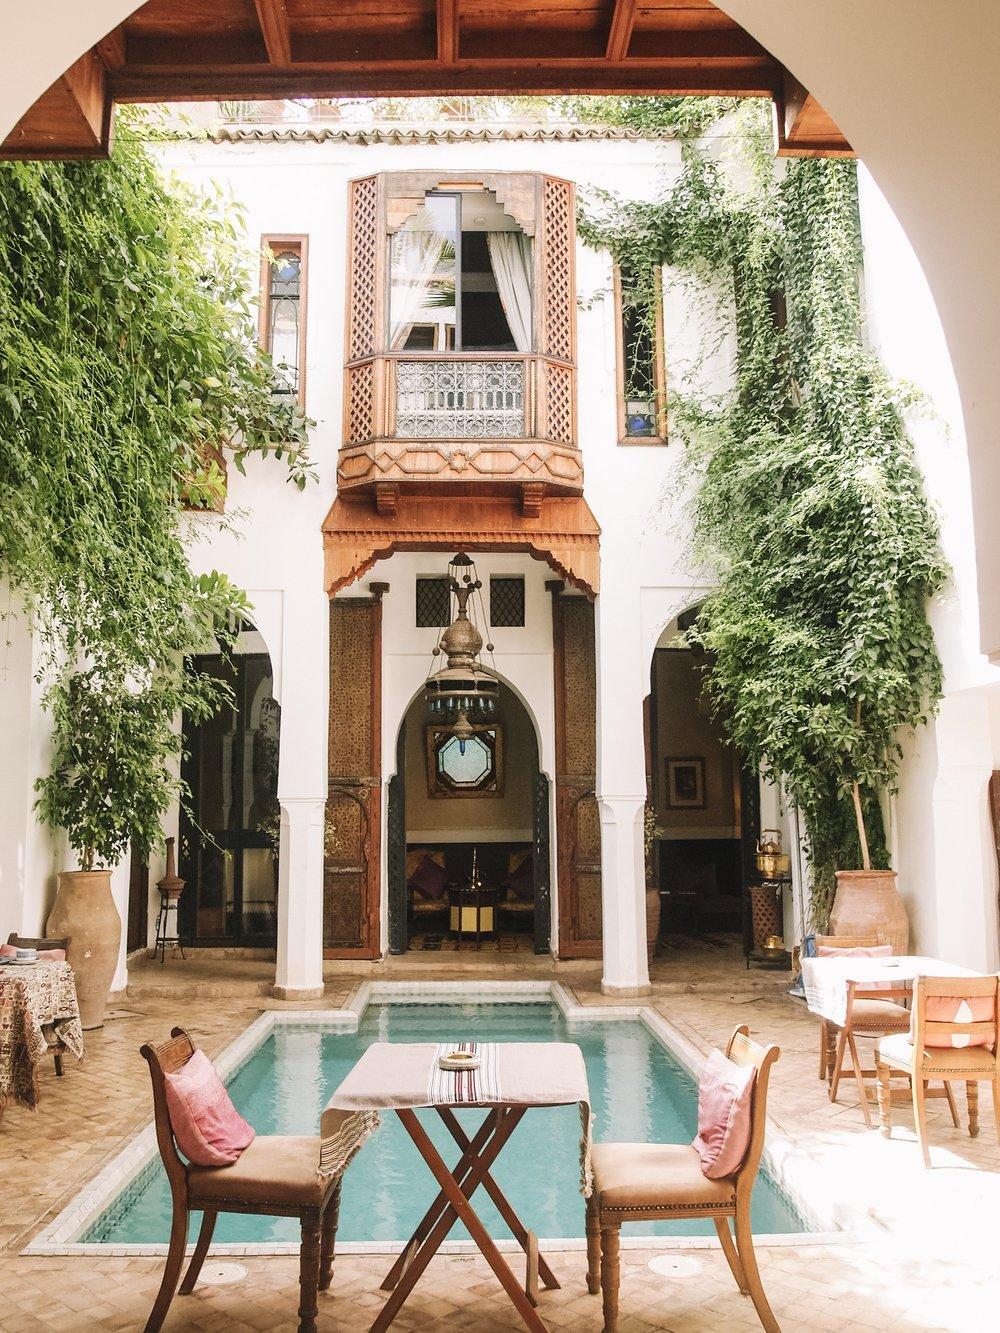 リヤドライラ(Riad Lyla) - 知り合いから紹介いただいたリヤドです。「リヤド」とは古くなった邸宅をリノベーションした宿泊施設。モロッコ独特の文化なので、是非宿泊することをオススメします。とにかくこのリヤドはオーナーのドミニクさん、スタッフのみなさんフレンドリーで親切。本当に安心できます。次回行くことがあれば必ず再訪したい場所!リヤドライラ(Riad Lyla)